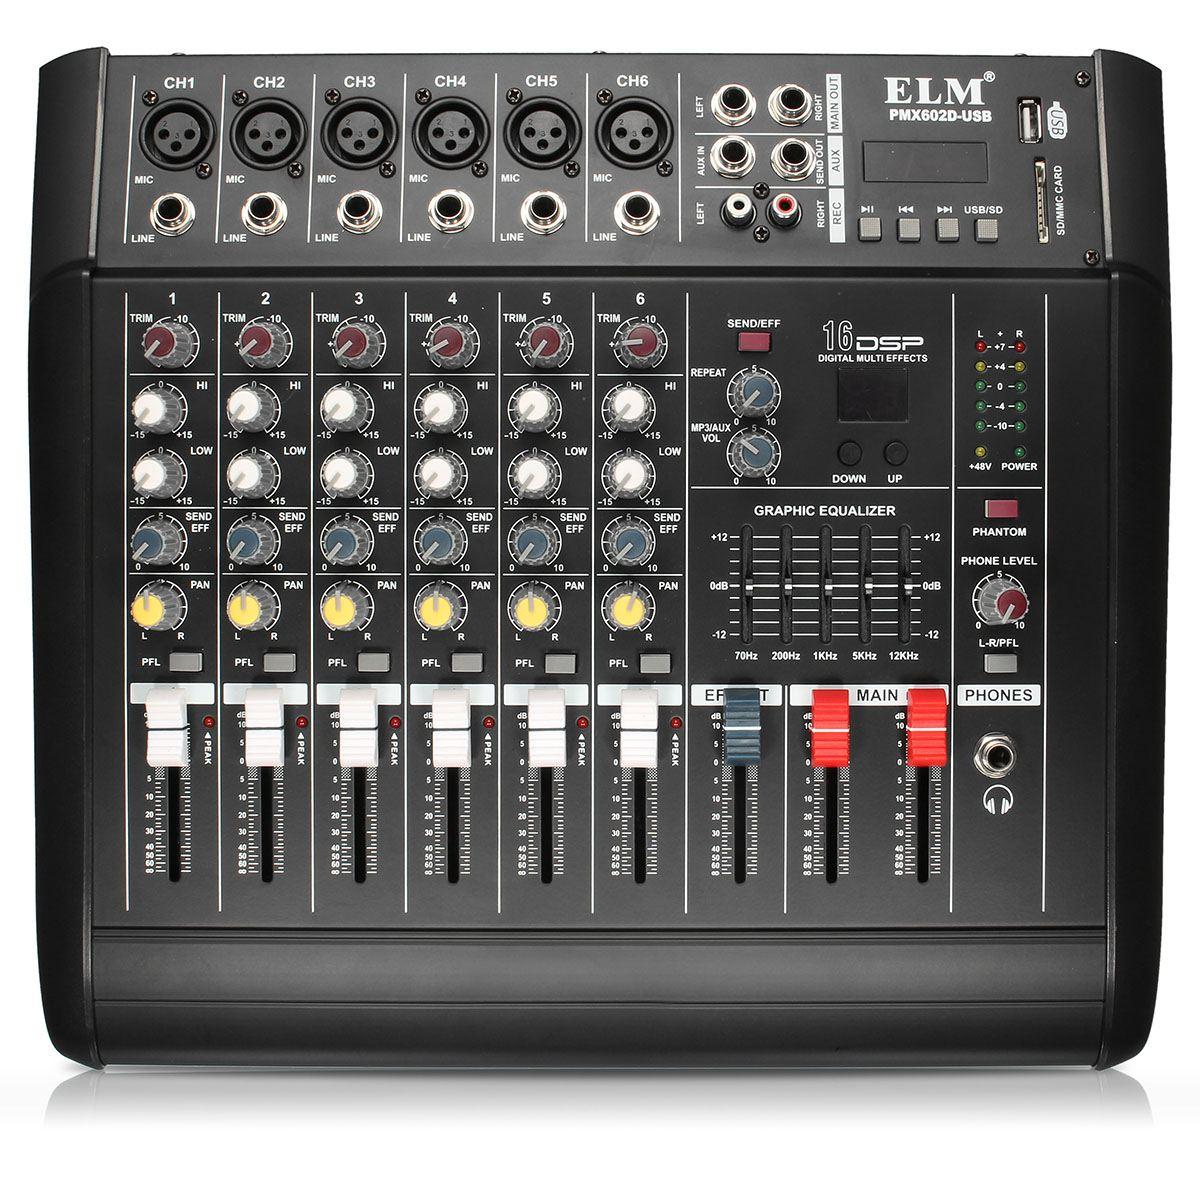 48 V Phantom alimentation mélangeur USB 6 canaux amplificateur DJ karaoké Audio mélangeur Support USB carte mémoire pour scène Performance famille